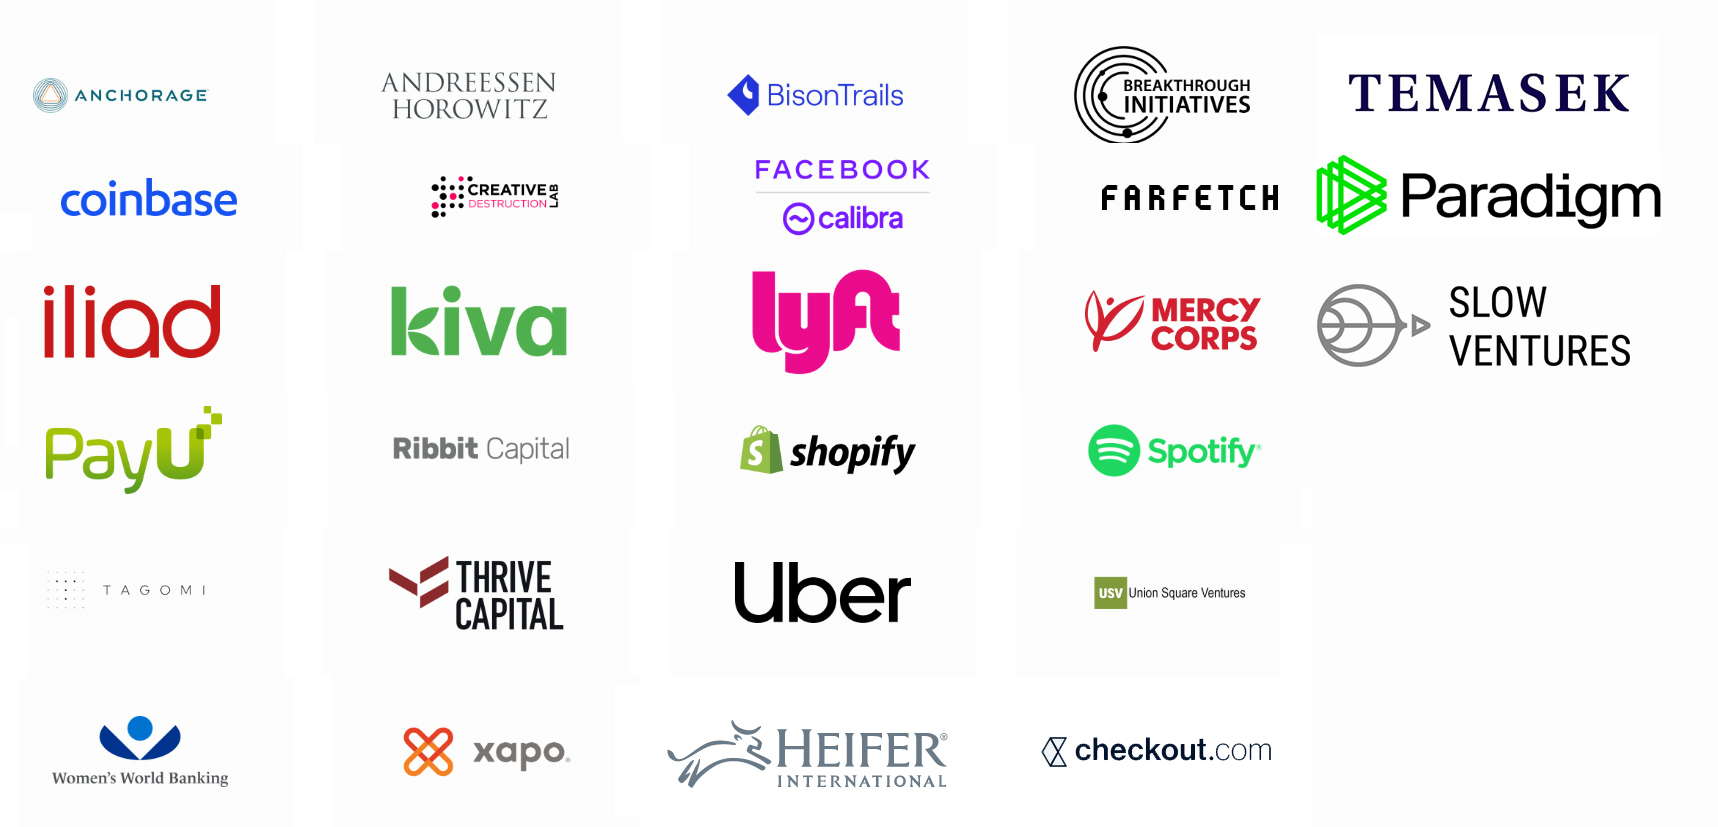 К ассоциации криптопроекта Facebook присоединились 3 инвестиционные компании